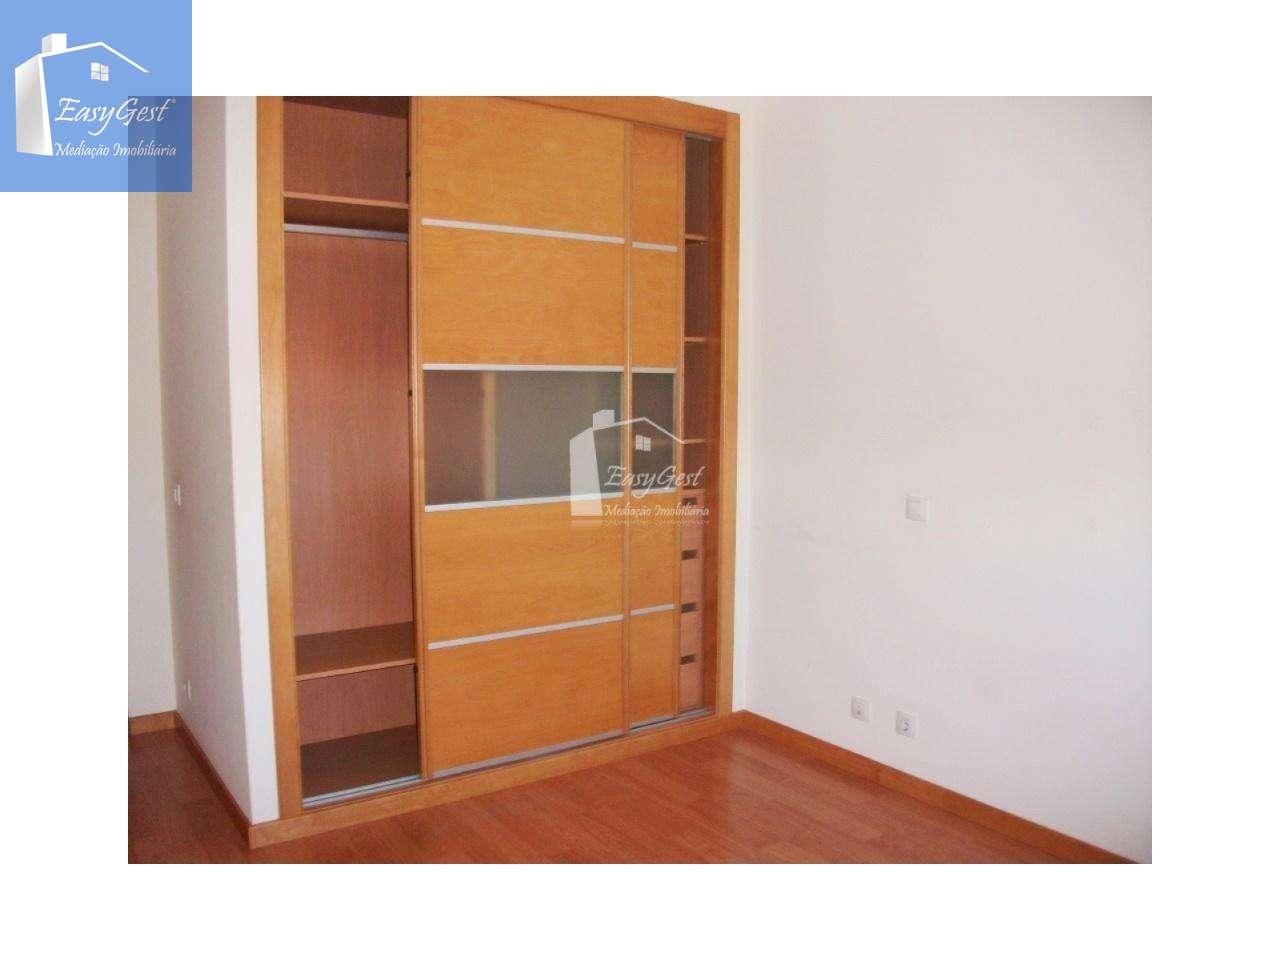 Apartamento para comprar, Tavarede, Figueira da Foz, Coimbra - Foto 13